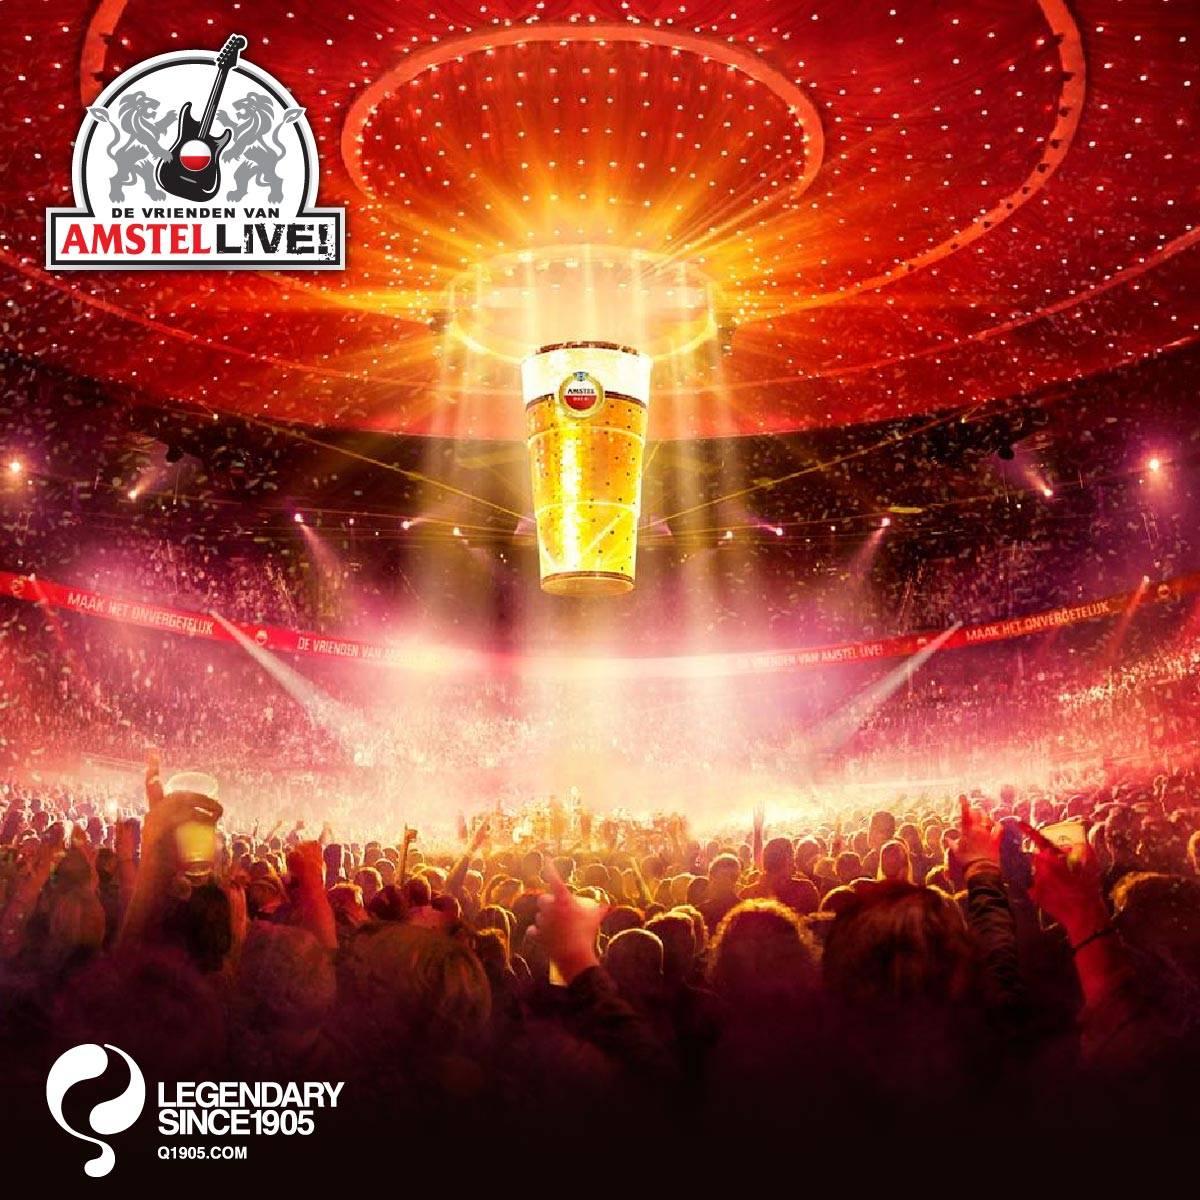 Ga met Quick naar De Vrienden van Amstel LIVE 2016!